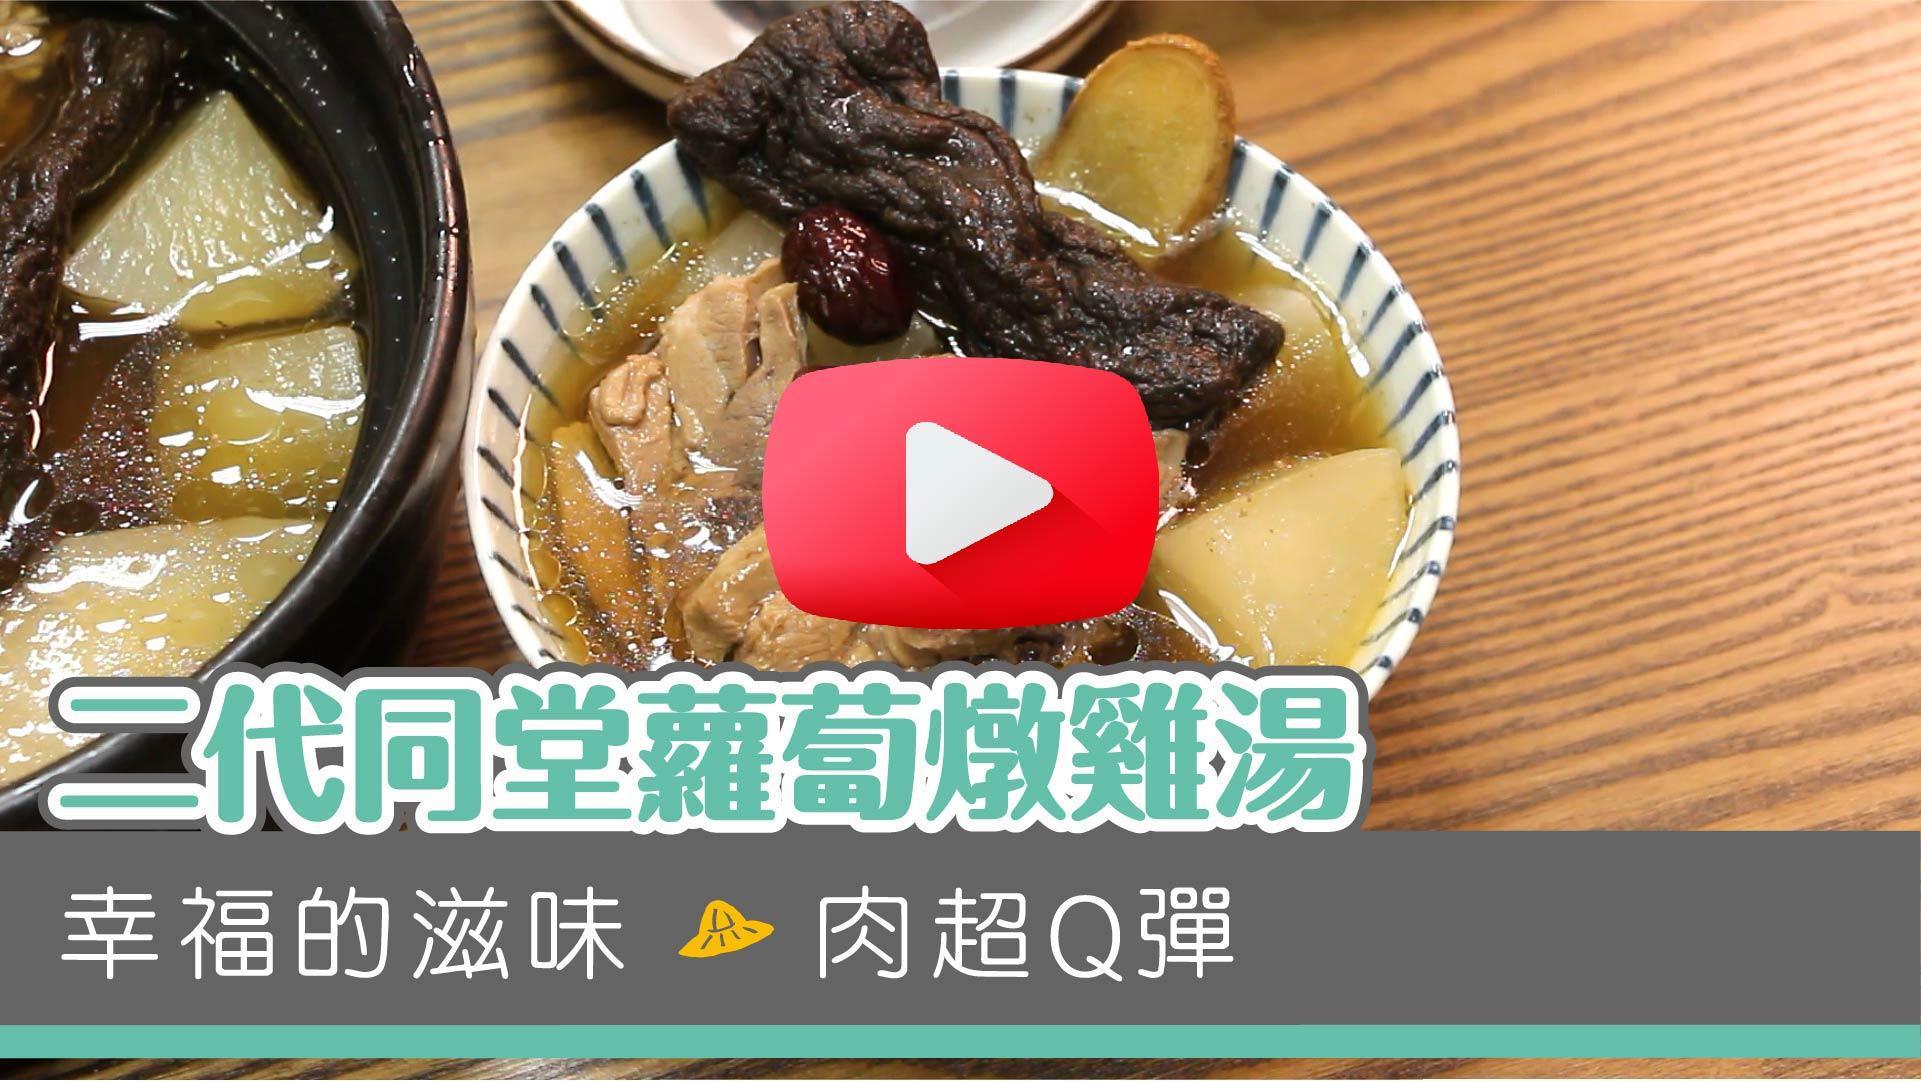 【家常肉料理】二代同堂蘿蔔燉雞湯